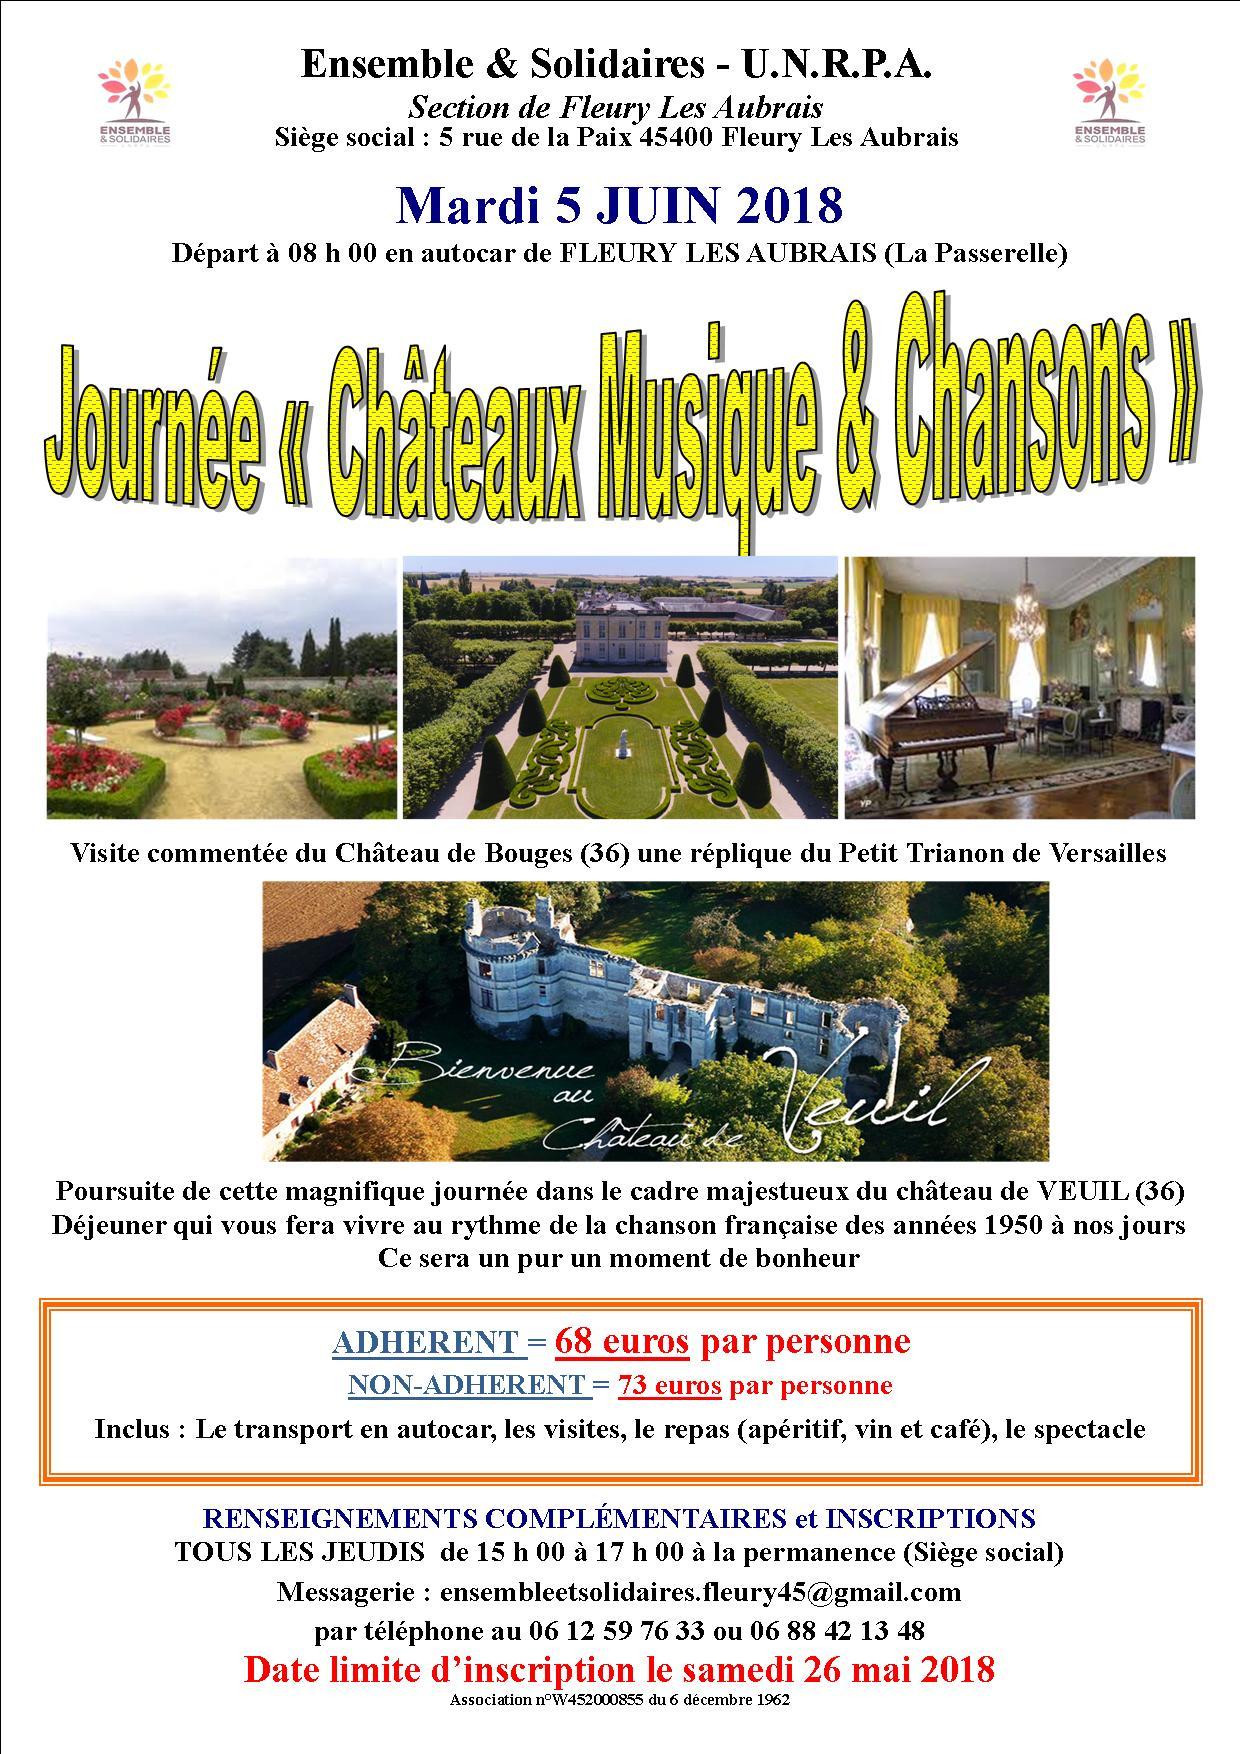 Affiche Chateaux et chansons Veuil 05 06 2018.jpg